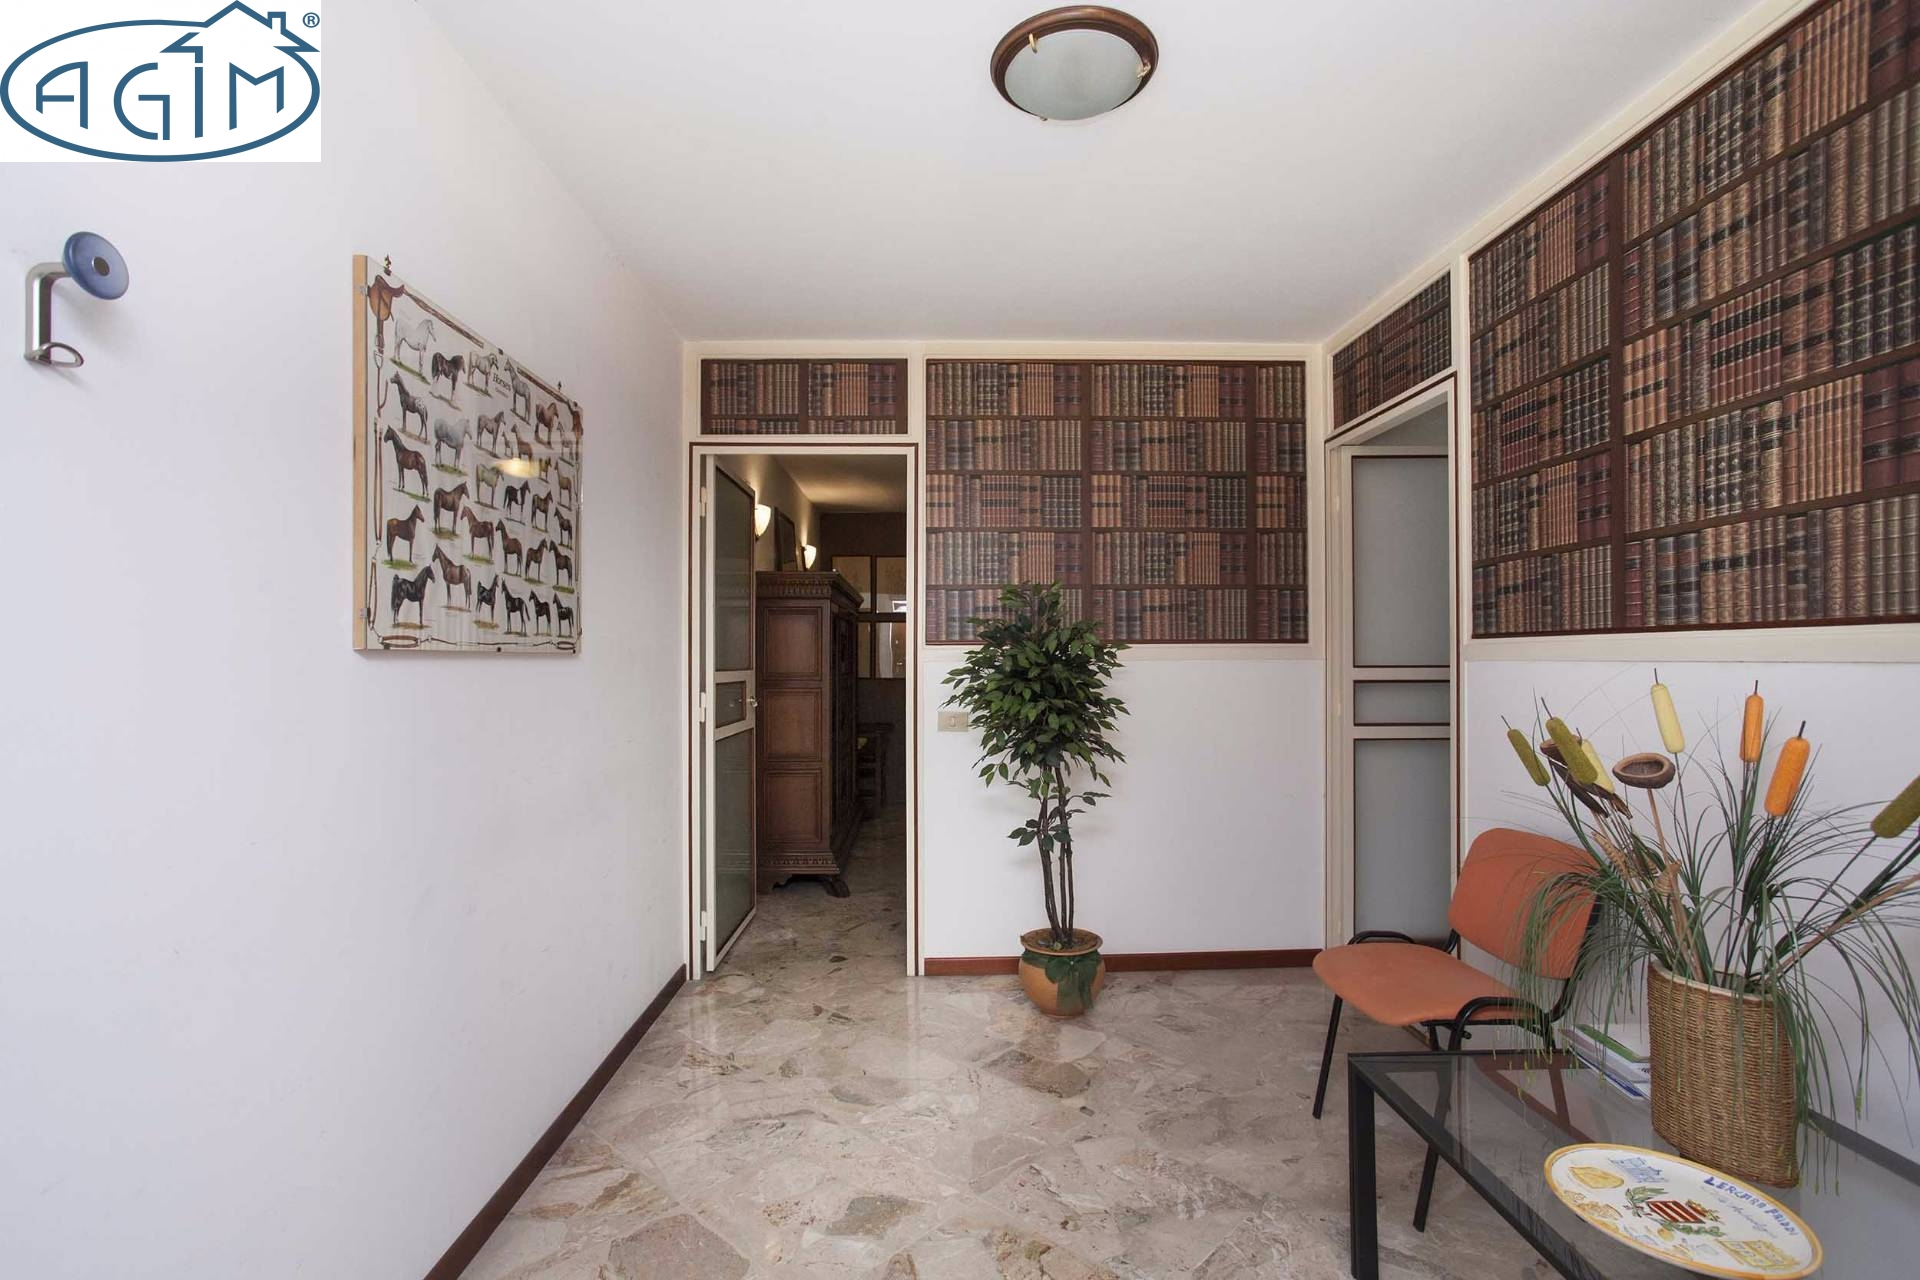 Ufficio / Studio in affitto a Palermo, 9999 locali, zona Zona: Libertà, prezzo € 600 | CambioCasa.it